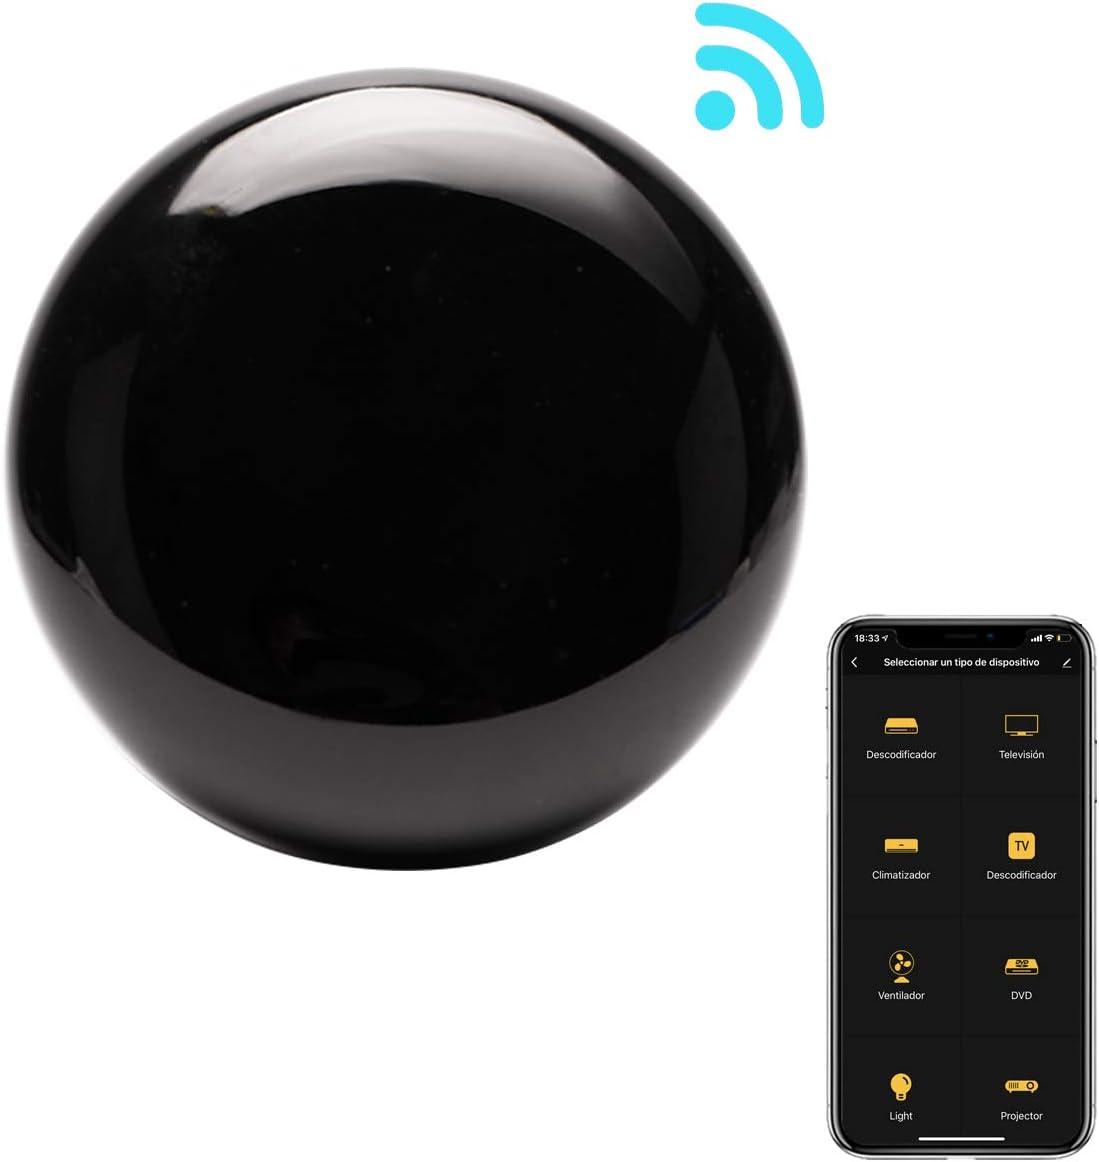 Control Remoto IR Universal Inteligente WiFi Si Smart, Mando a Distancia inalámbrico para Smart TV, televisores, Aire acondicionados y Mucho más. Infrarrojo. Compatible con Alexa y Google Home.